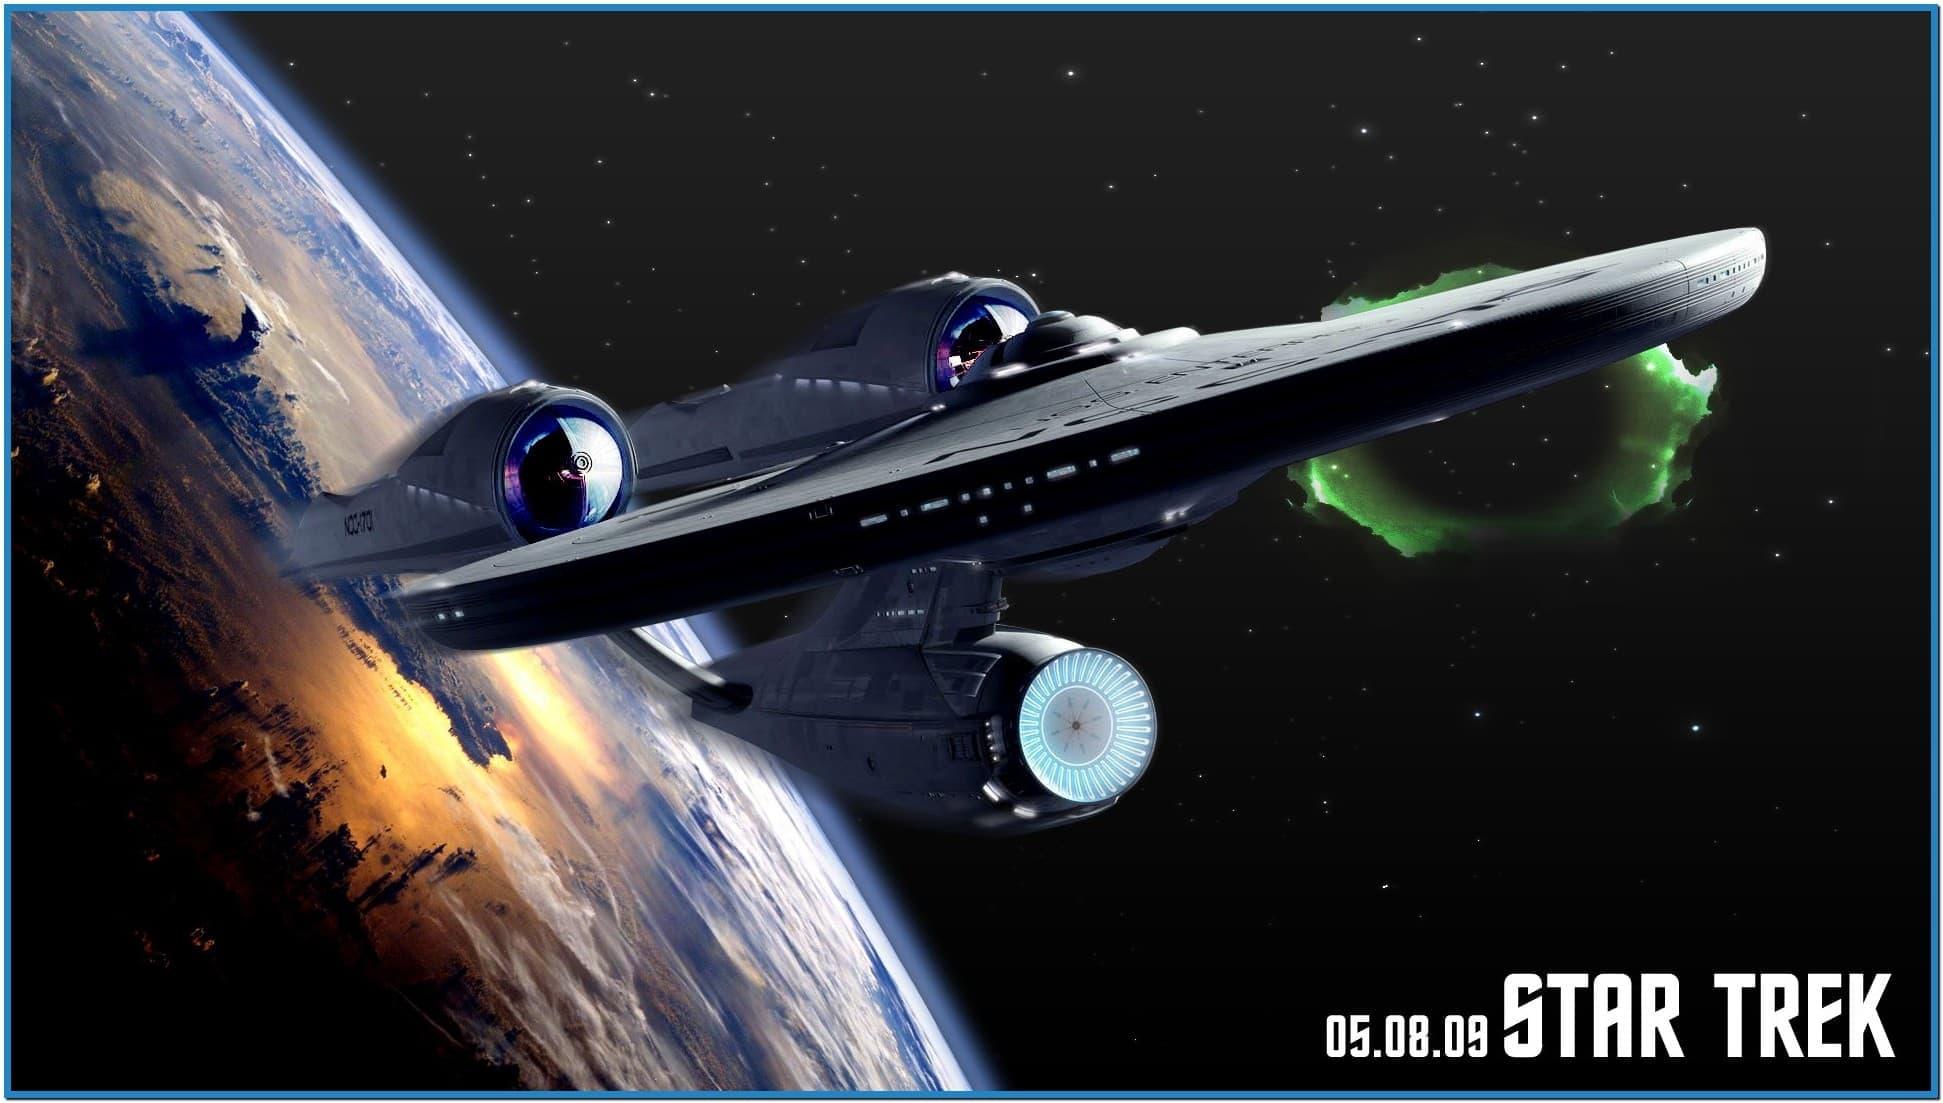 Star trek wallpaper and screensavers   Download 1943x1103